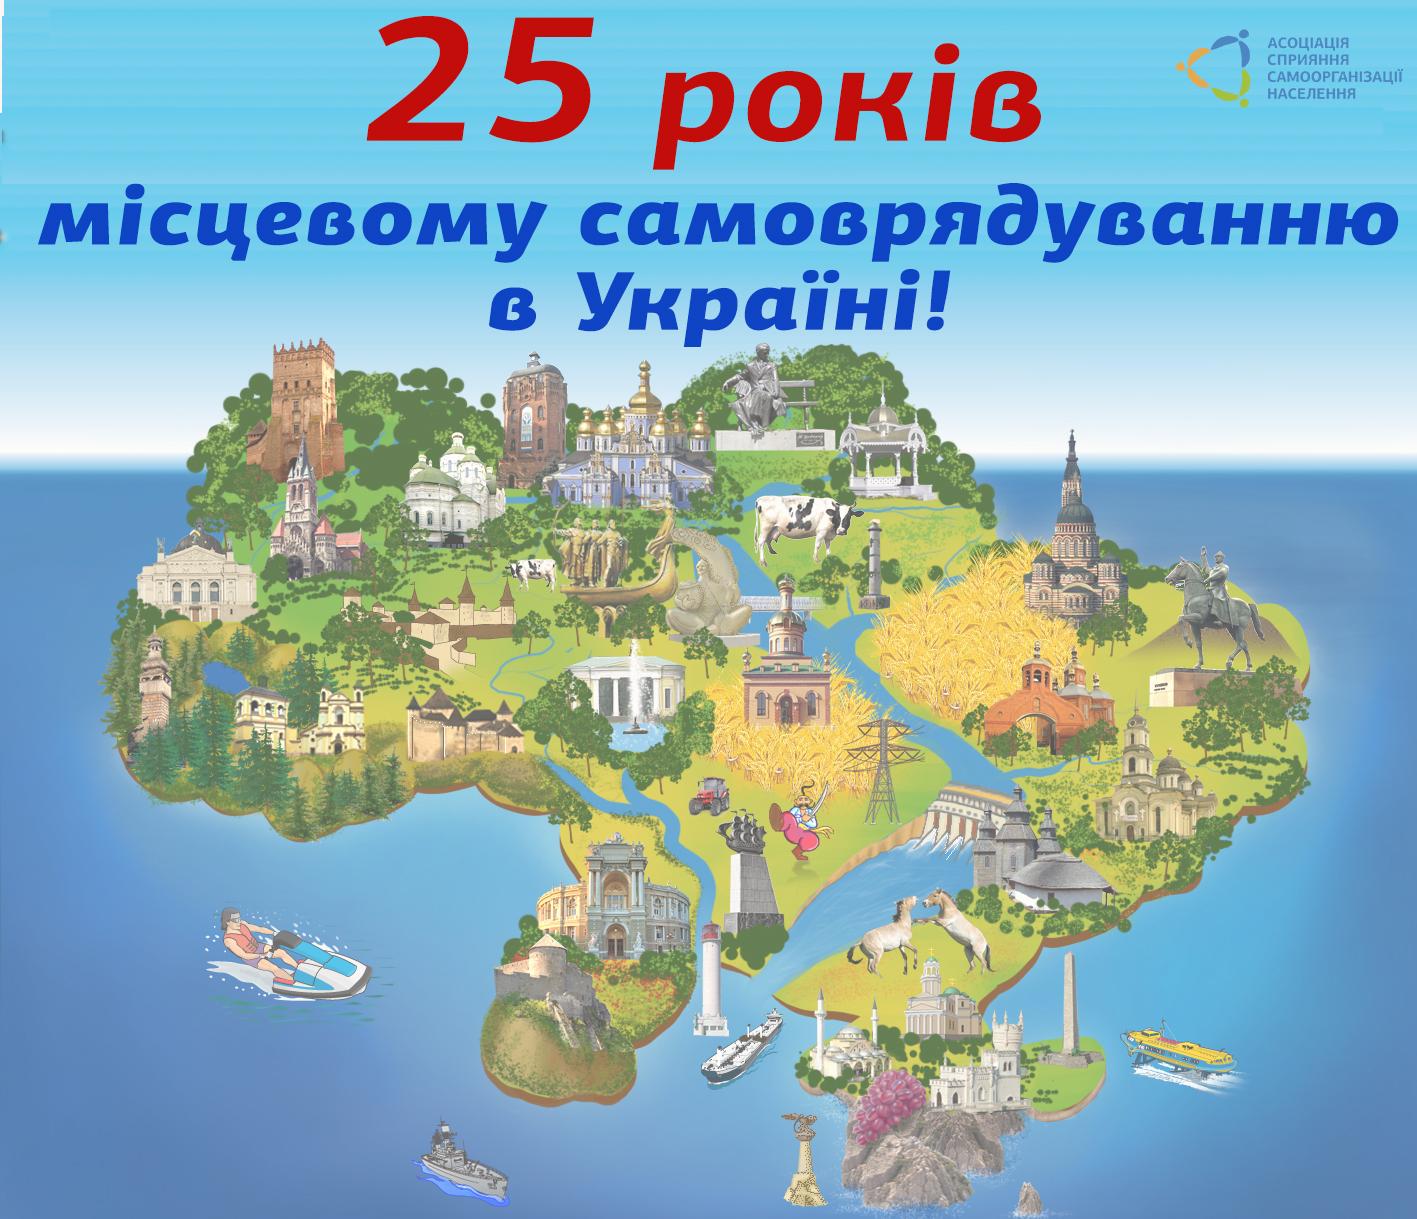 Місцевому самоврядуванню в Україні 25 років!